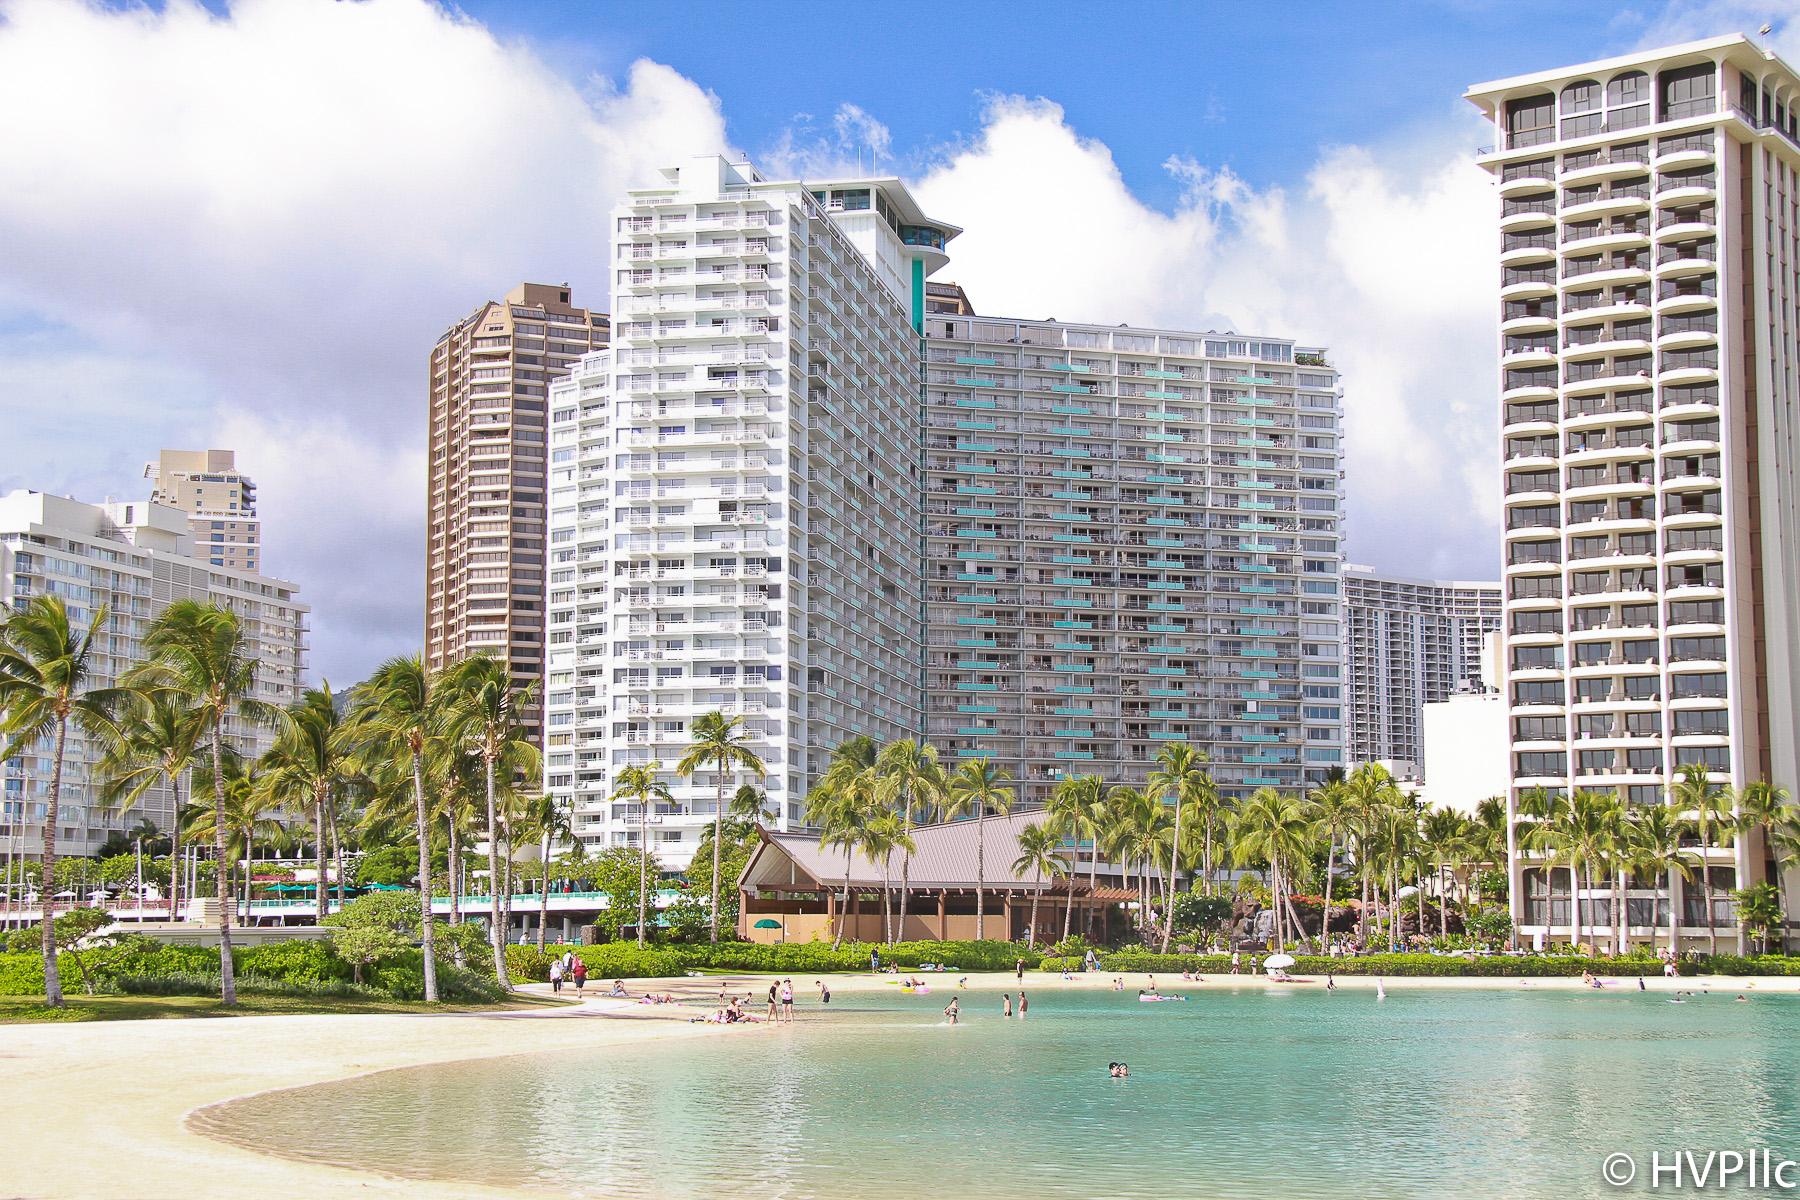 Ilikai Hotel - Waikiki